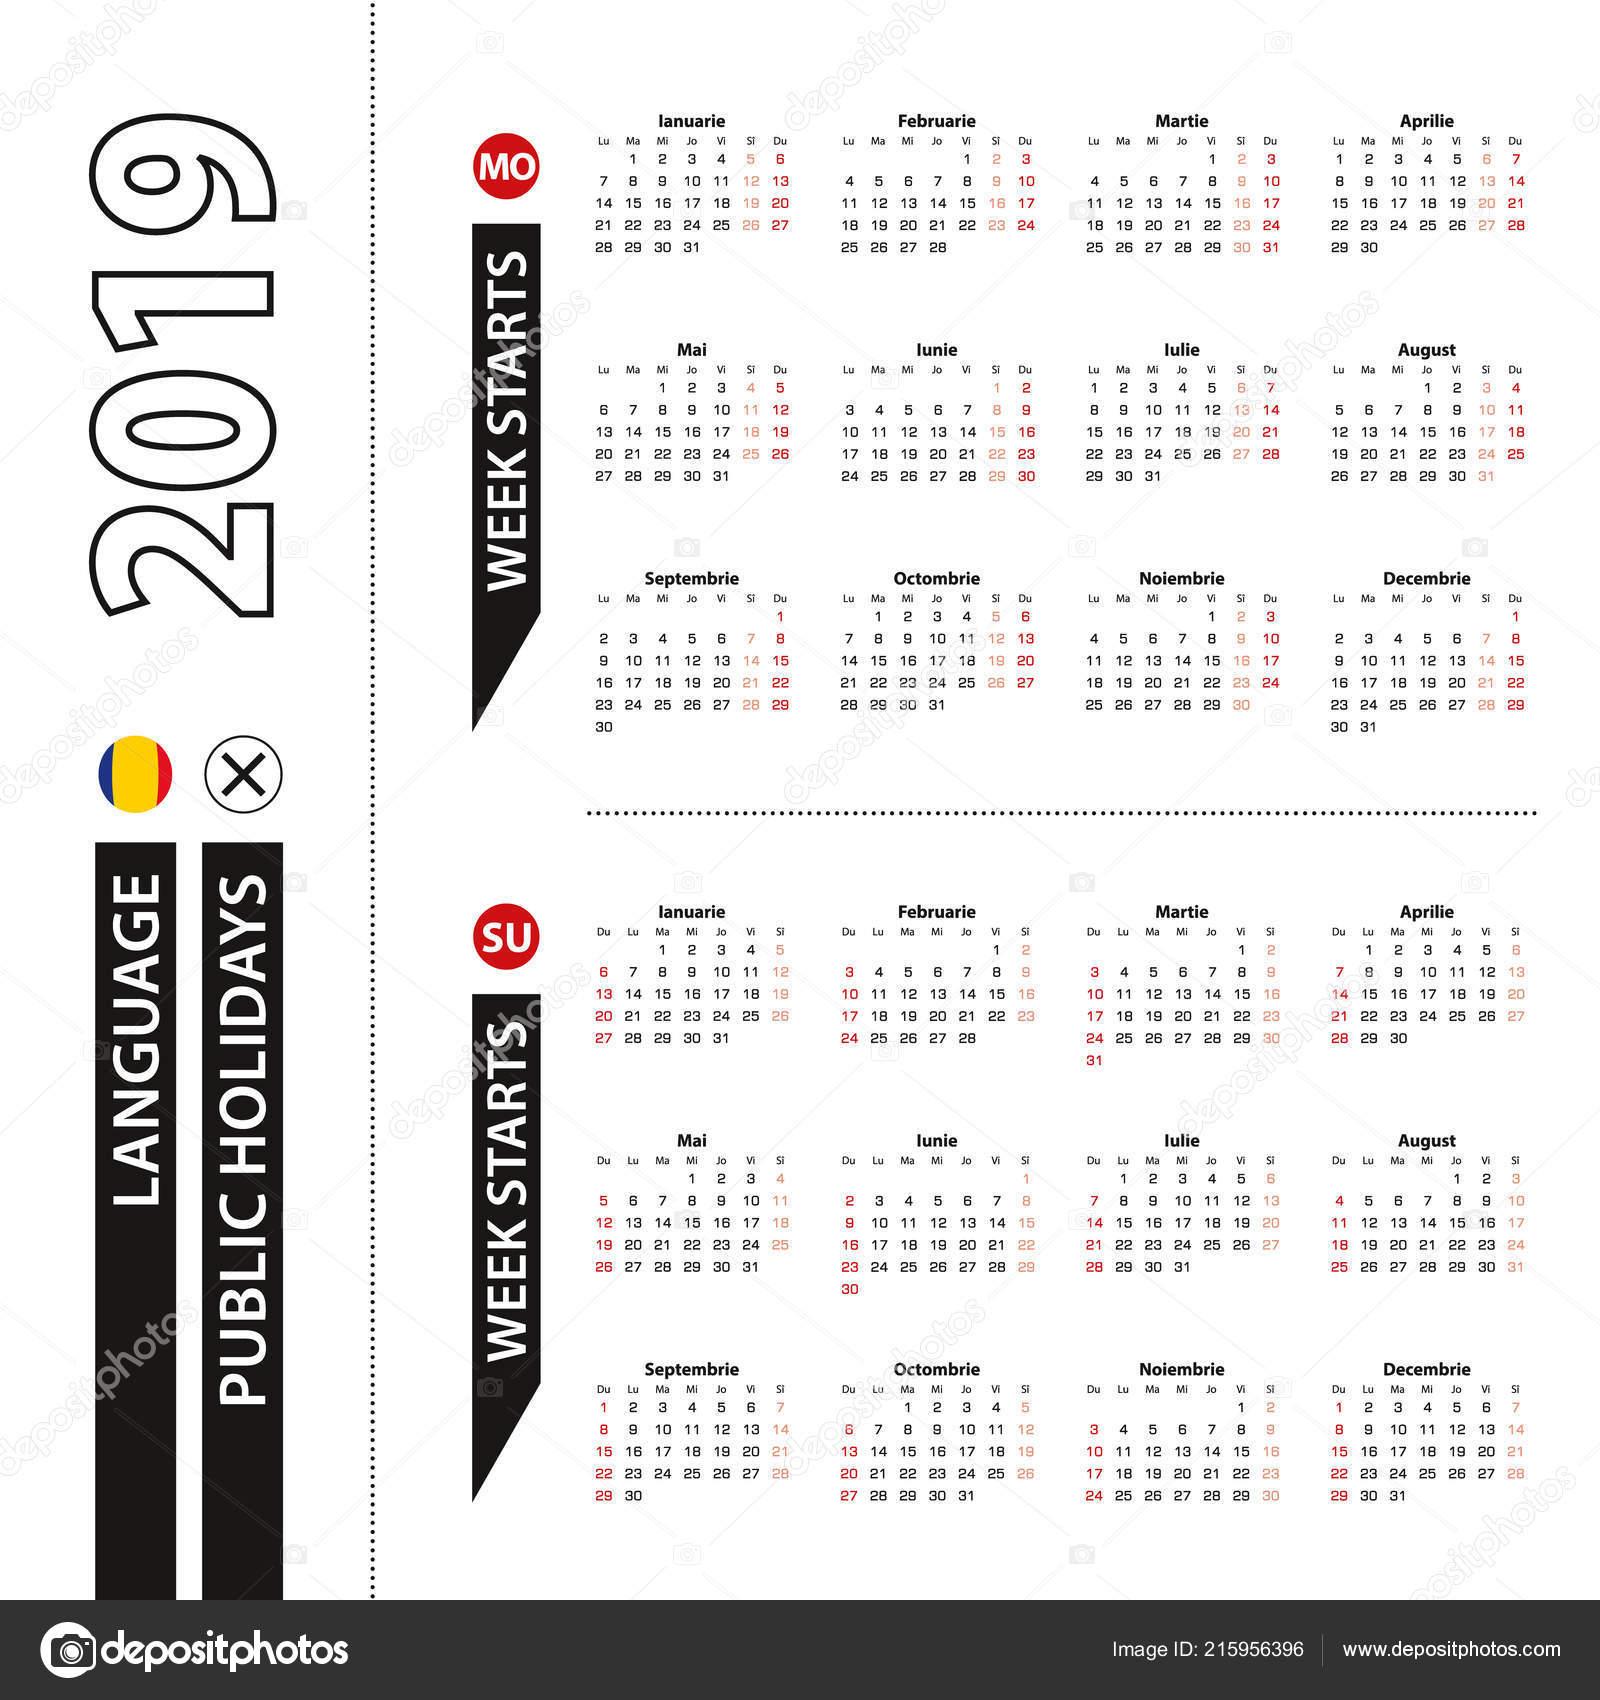 Calendario Rumeno.Due Versioni Del Calendario 2019 Rumeno Settimana Inizia Dal